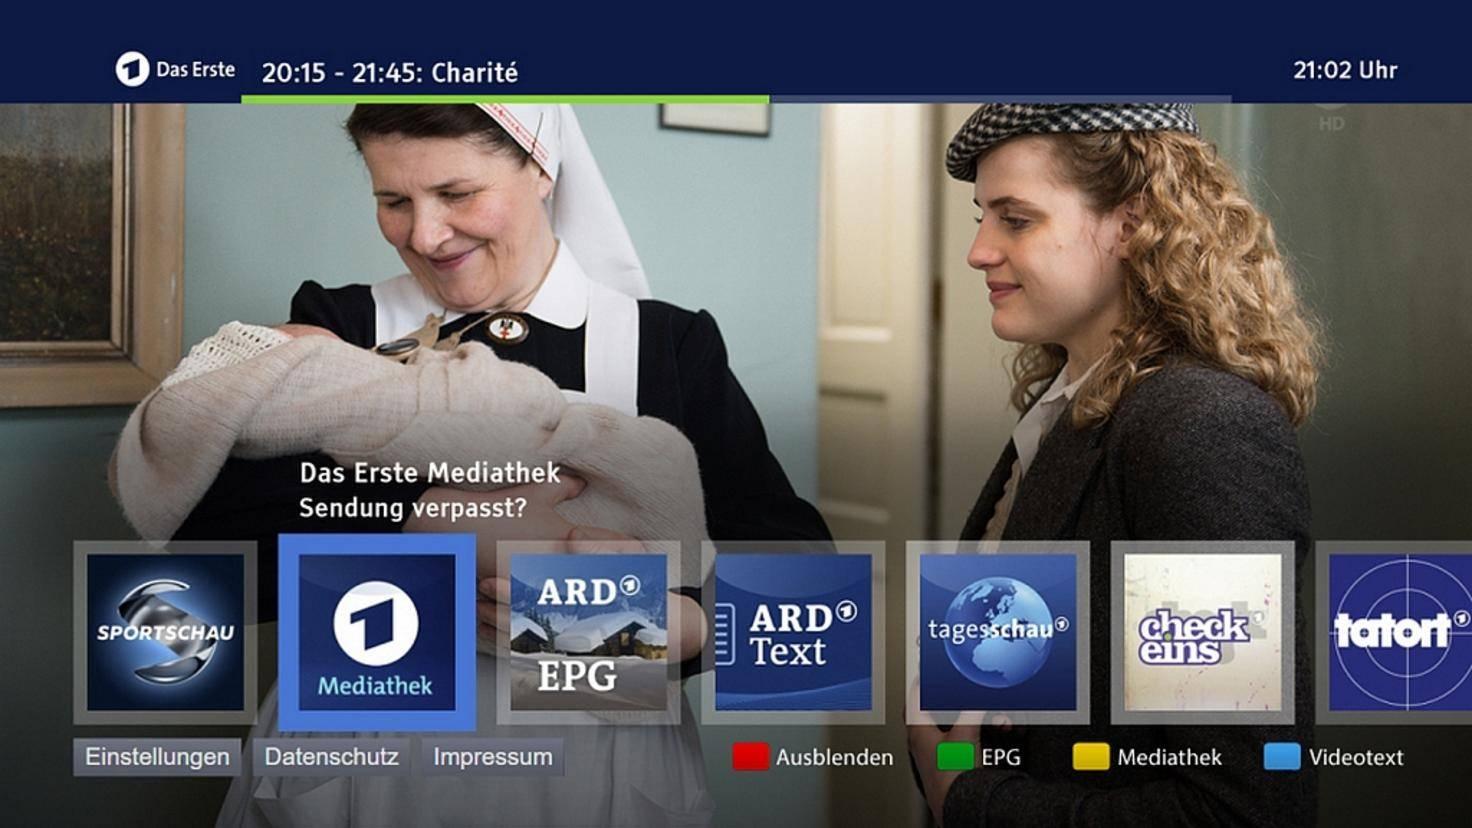 ARD-HbbTV-02